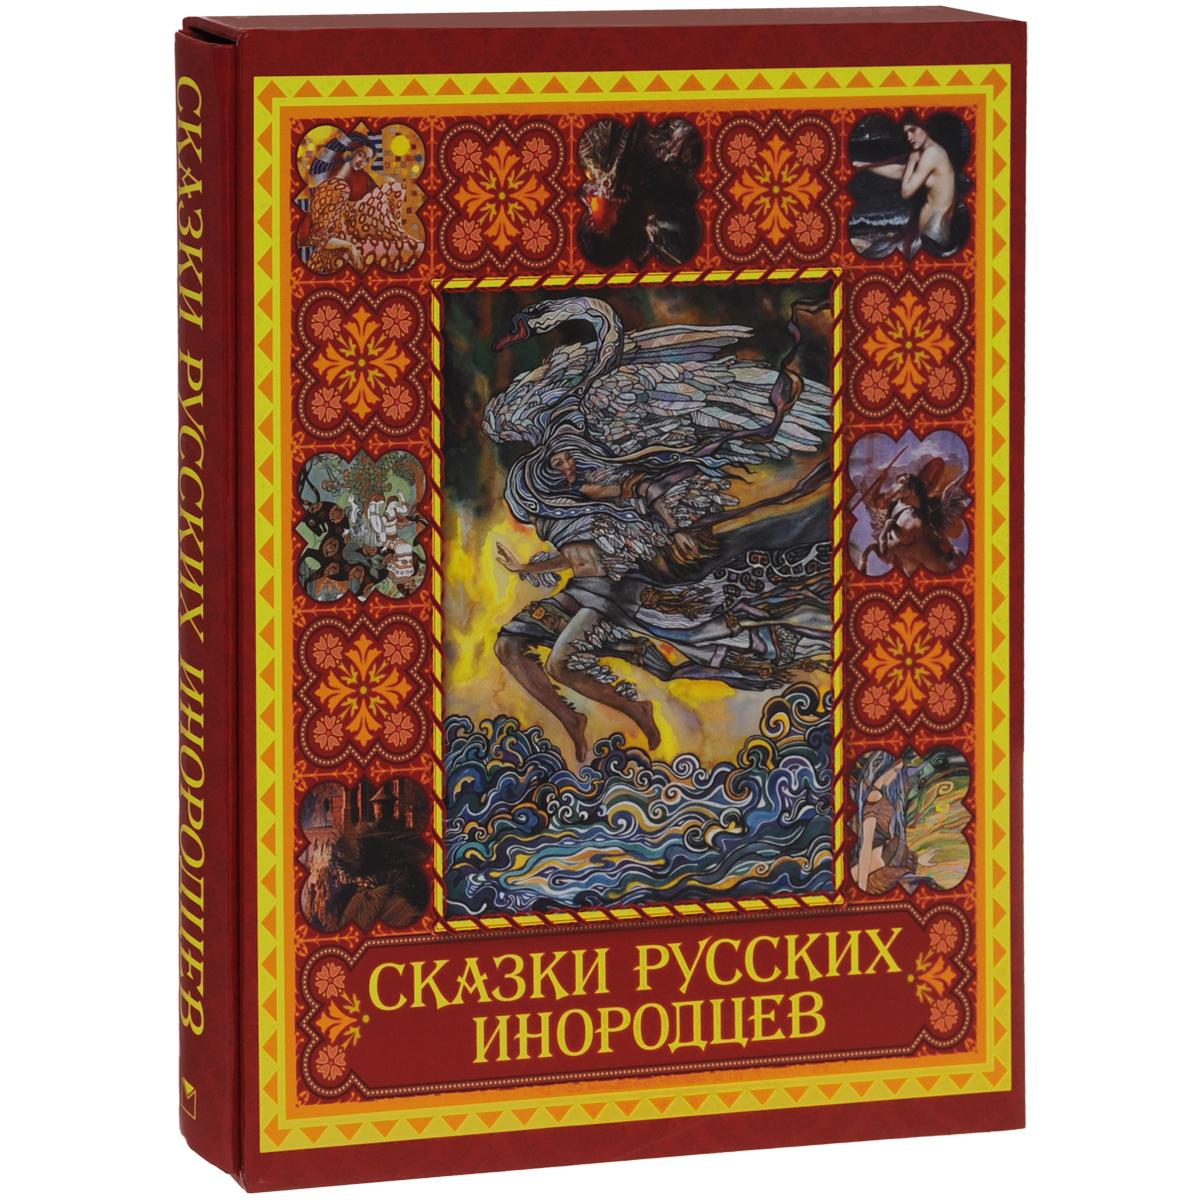 Сказки русских инородцев.